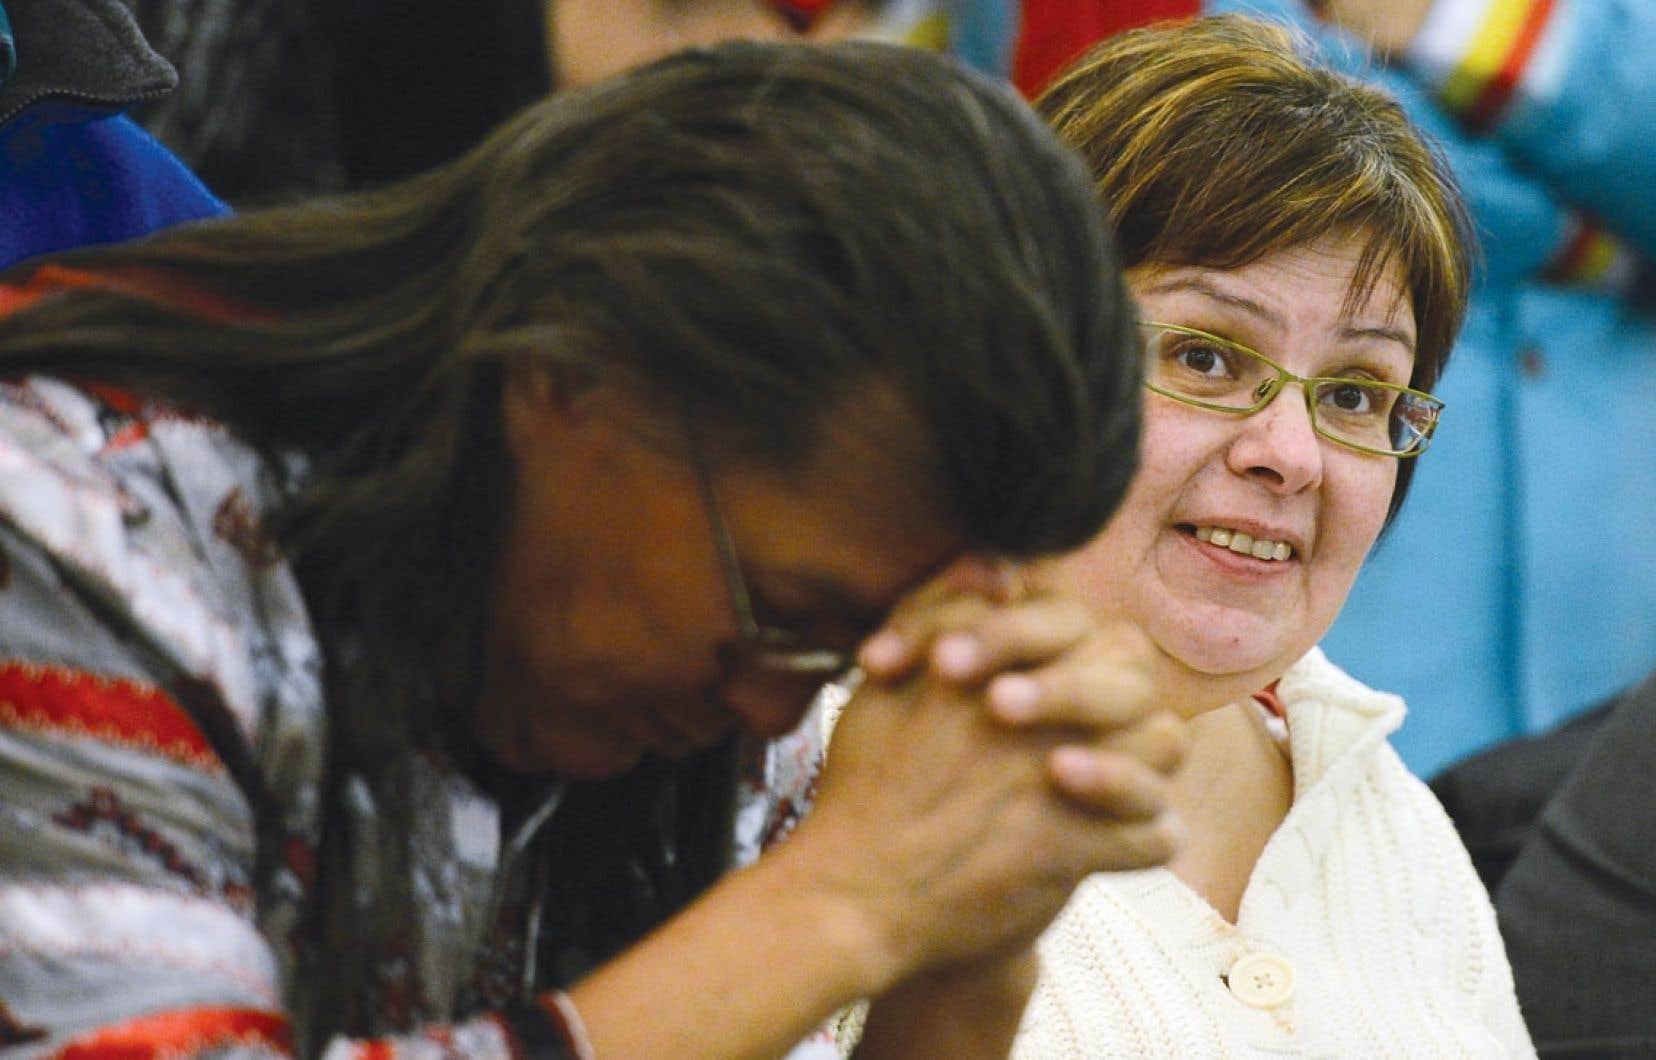 La chef d'Attawapiskat, Theresa Spence, a participé brièvement jeudi à une célébration pour souligner la fin de son jeûne, après avoir obtenu son congé de l'hôpital où elle avait passé la nuit.